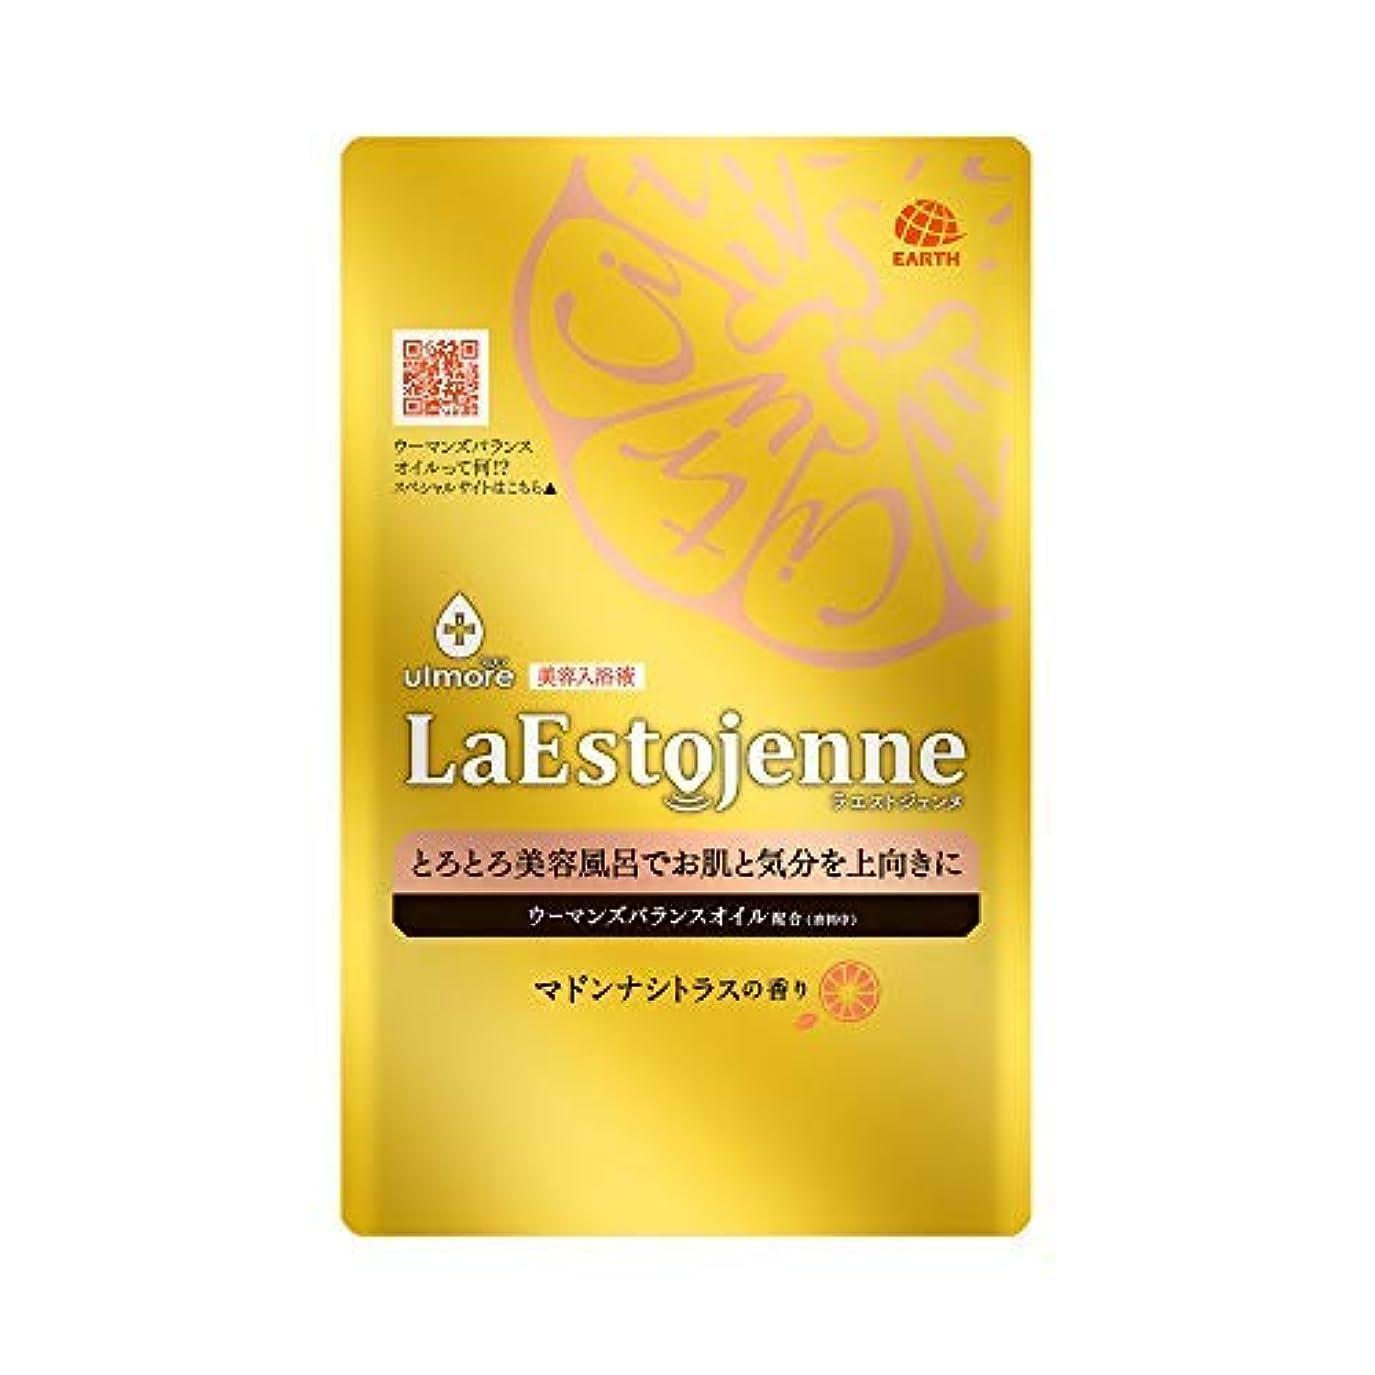 発疹ファイアル慎重にウルモア ラエストジェンヌ マドンナシトラスの香り 1包 × 12個セット